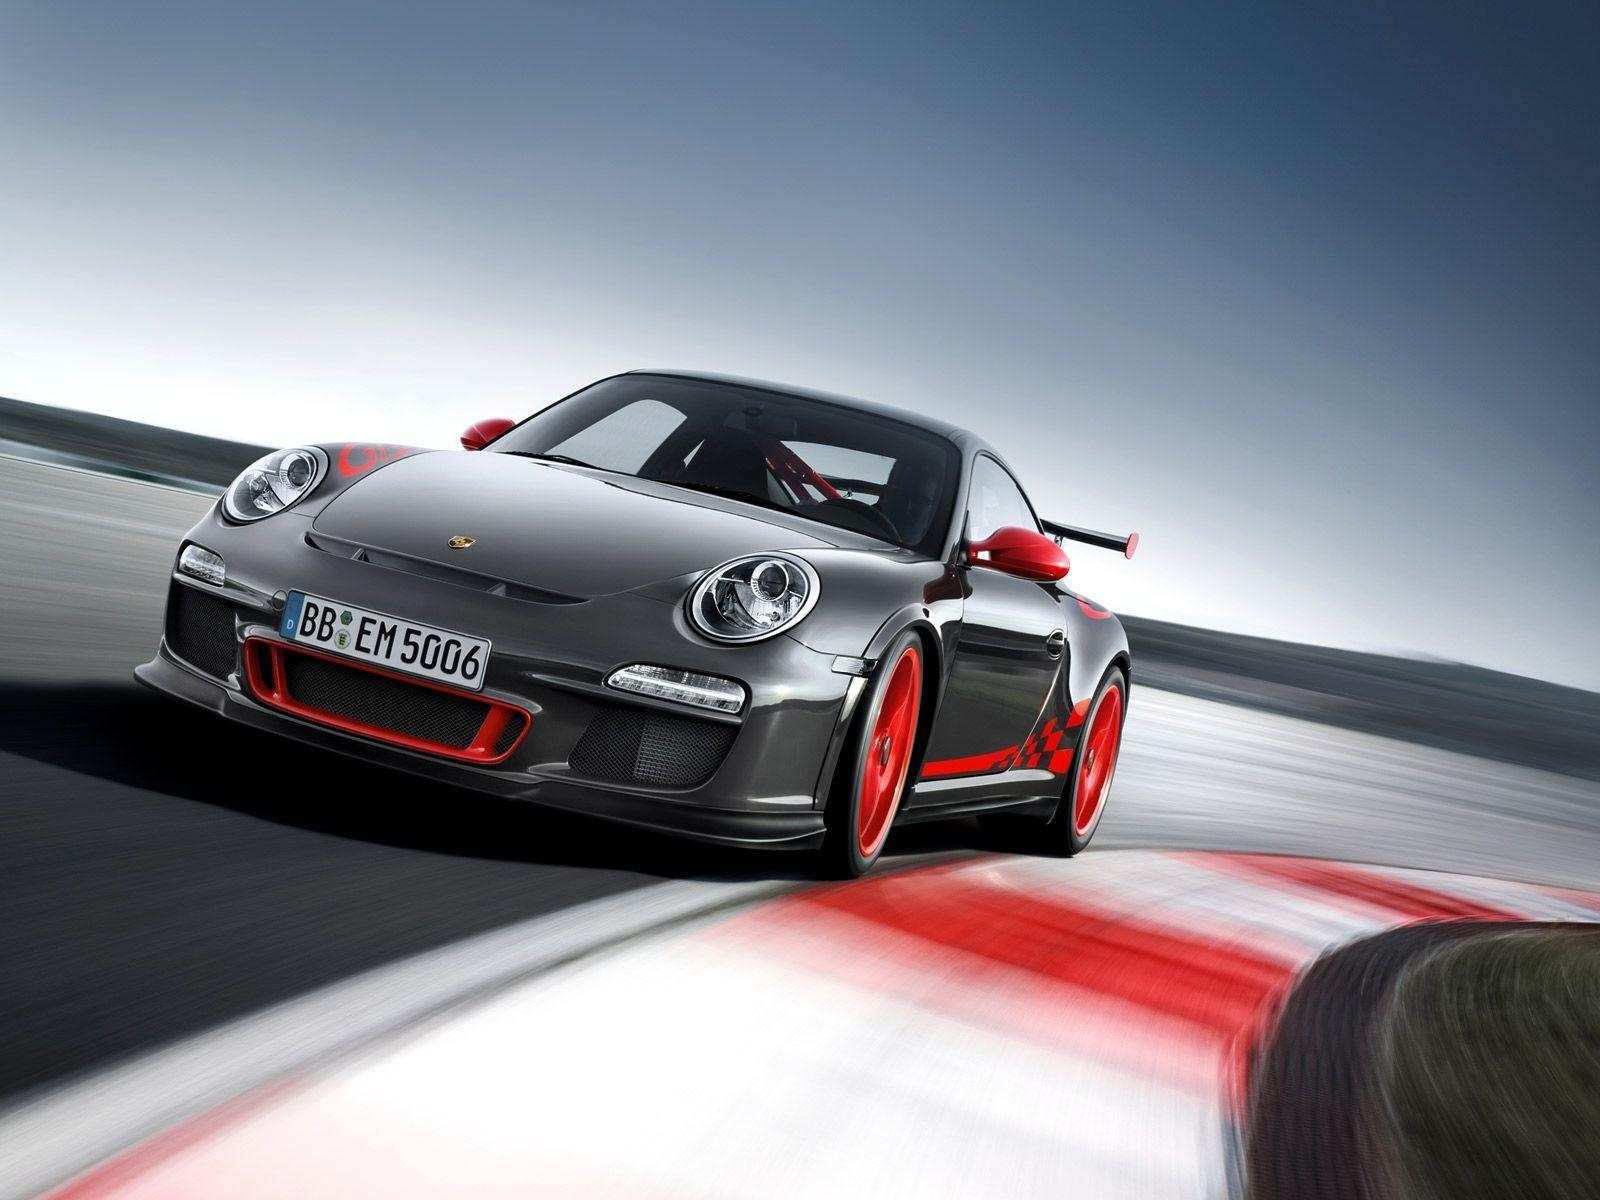 Porsche 911 GT3 RS Wallpapers , Wallpaper Cave